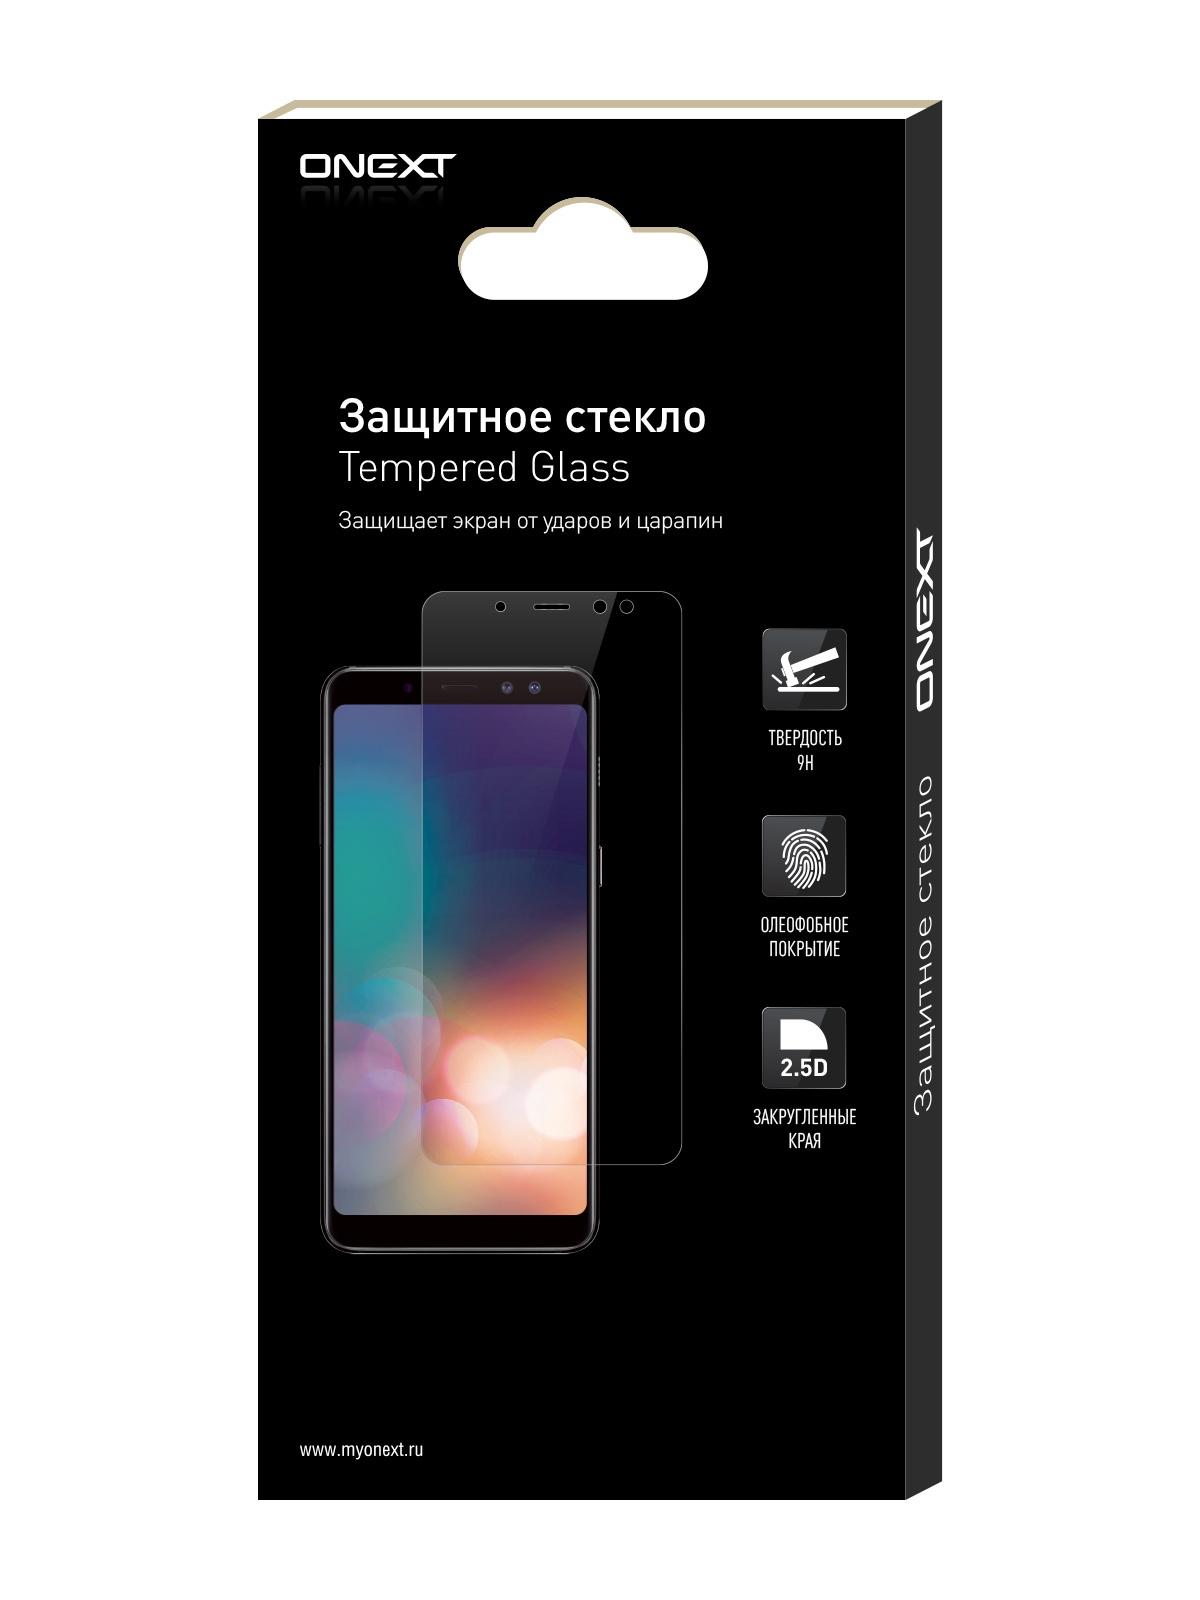 Защитное стекло ONEXT LG Q8 цена и фото